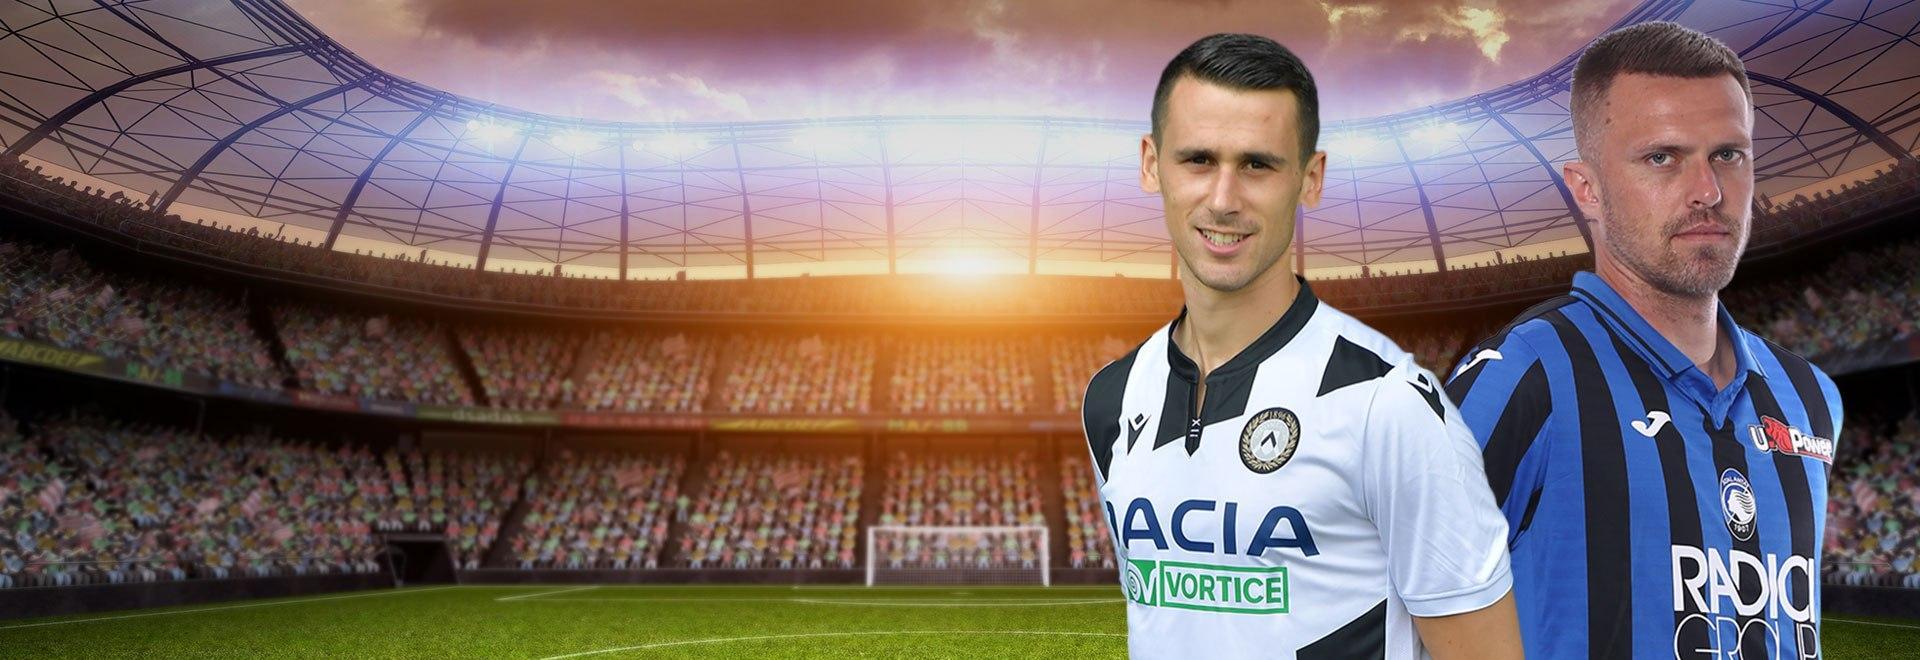 Udinese - Atalanta. 28a g.